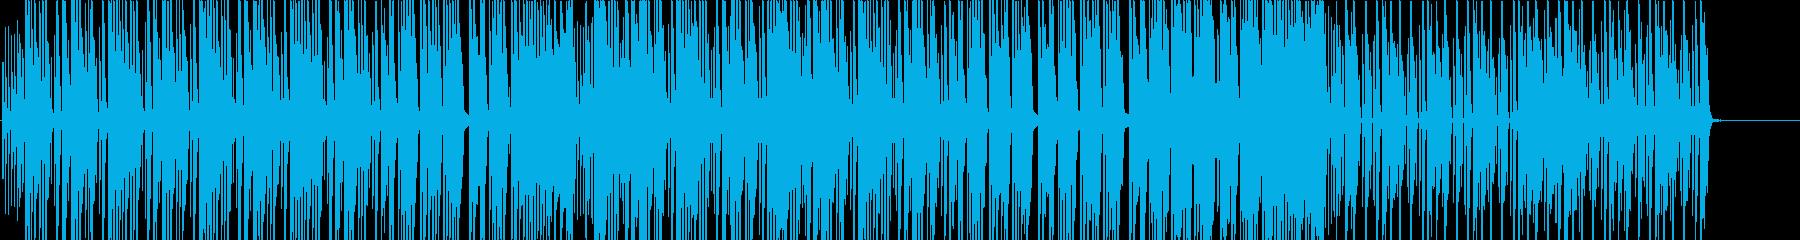 三味線、箏の可愛くカッコ良い和風曲の再生済みの波形